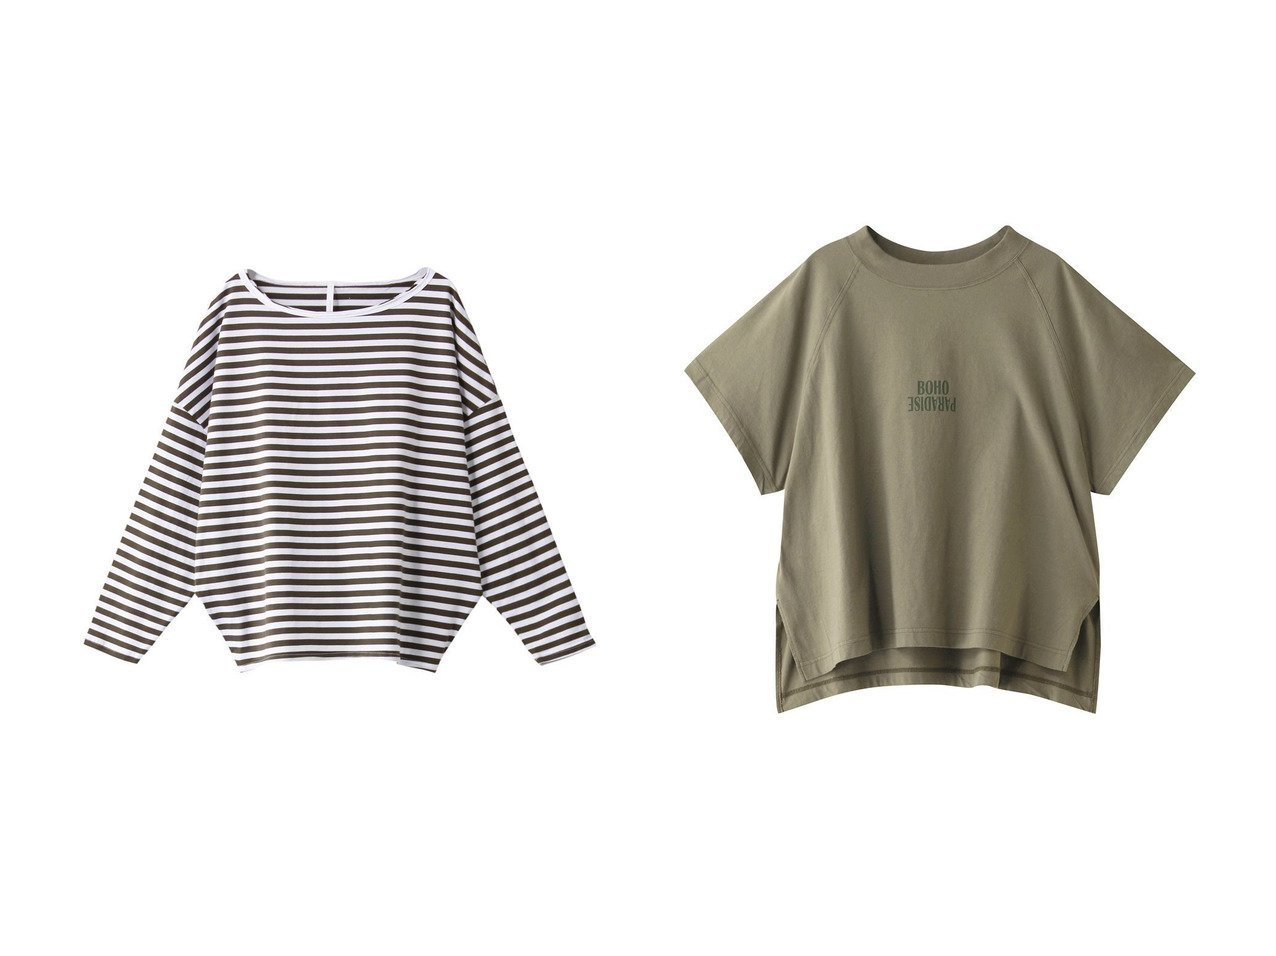 【upper hights/アッパー ハイツ】のTHE LOOSE RAGLAN Tシャツ&【DAY】Johnnie カットソー upper hightsのおすすめ!人気、トレンド・レディースファッションの通販 おすすめで人気の流行・トレンド、ファッションの通販商品 メンズファッション・キッズファッション・インテリア・家具・レディースファッション・服の通販 founy(ファニー) https://founy.com/ ファッション Fashion レディースファッション WOMEN トップス カットソー Tops Tshirt シャツ/ブラウス Shirts Blouses ロング / Tシャツ T-Shirts カットソー Cut and Sewn 2021年 2021 2021 春夏 S/S SS Spring/Summer 2021 S/S 春夏 SS Spring/Summer カットソー ショルダー スリーブ デニム ドロップ ボーダー リラックス ロング 春 Spring |ID:crp329100000019898